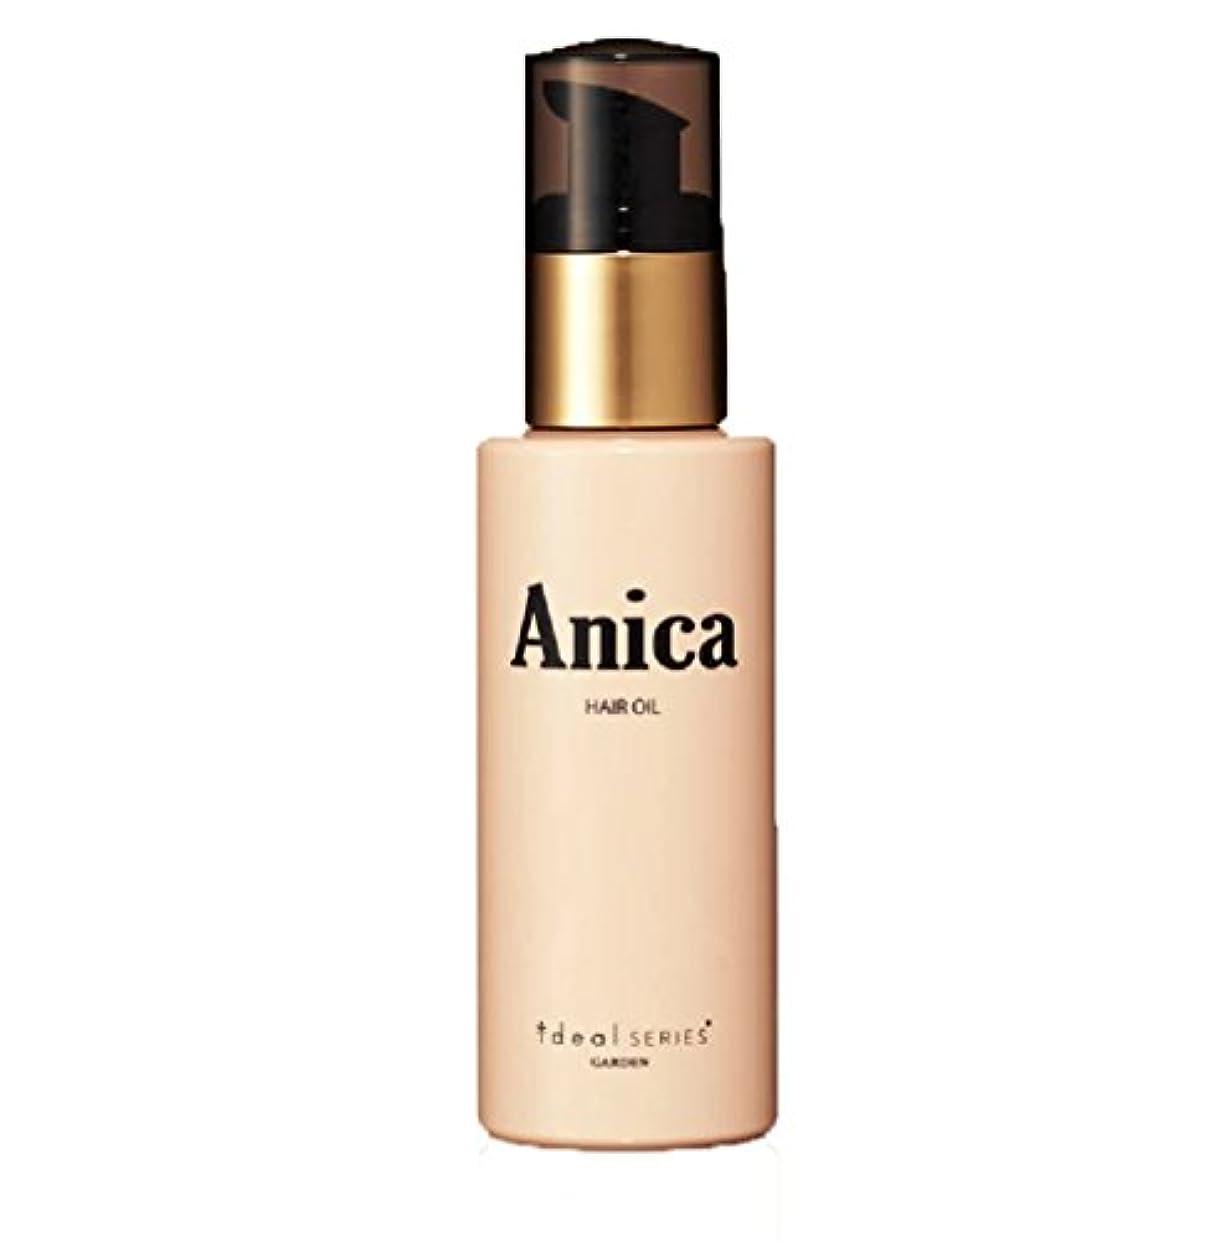 信頼性民主主義思い出すGARDEN ガーデン ideal SERIES イデアルシリーズ Anica サラりとまとまりやすい髪に アニカヘアオイル